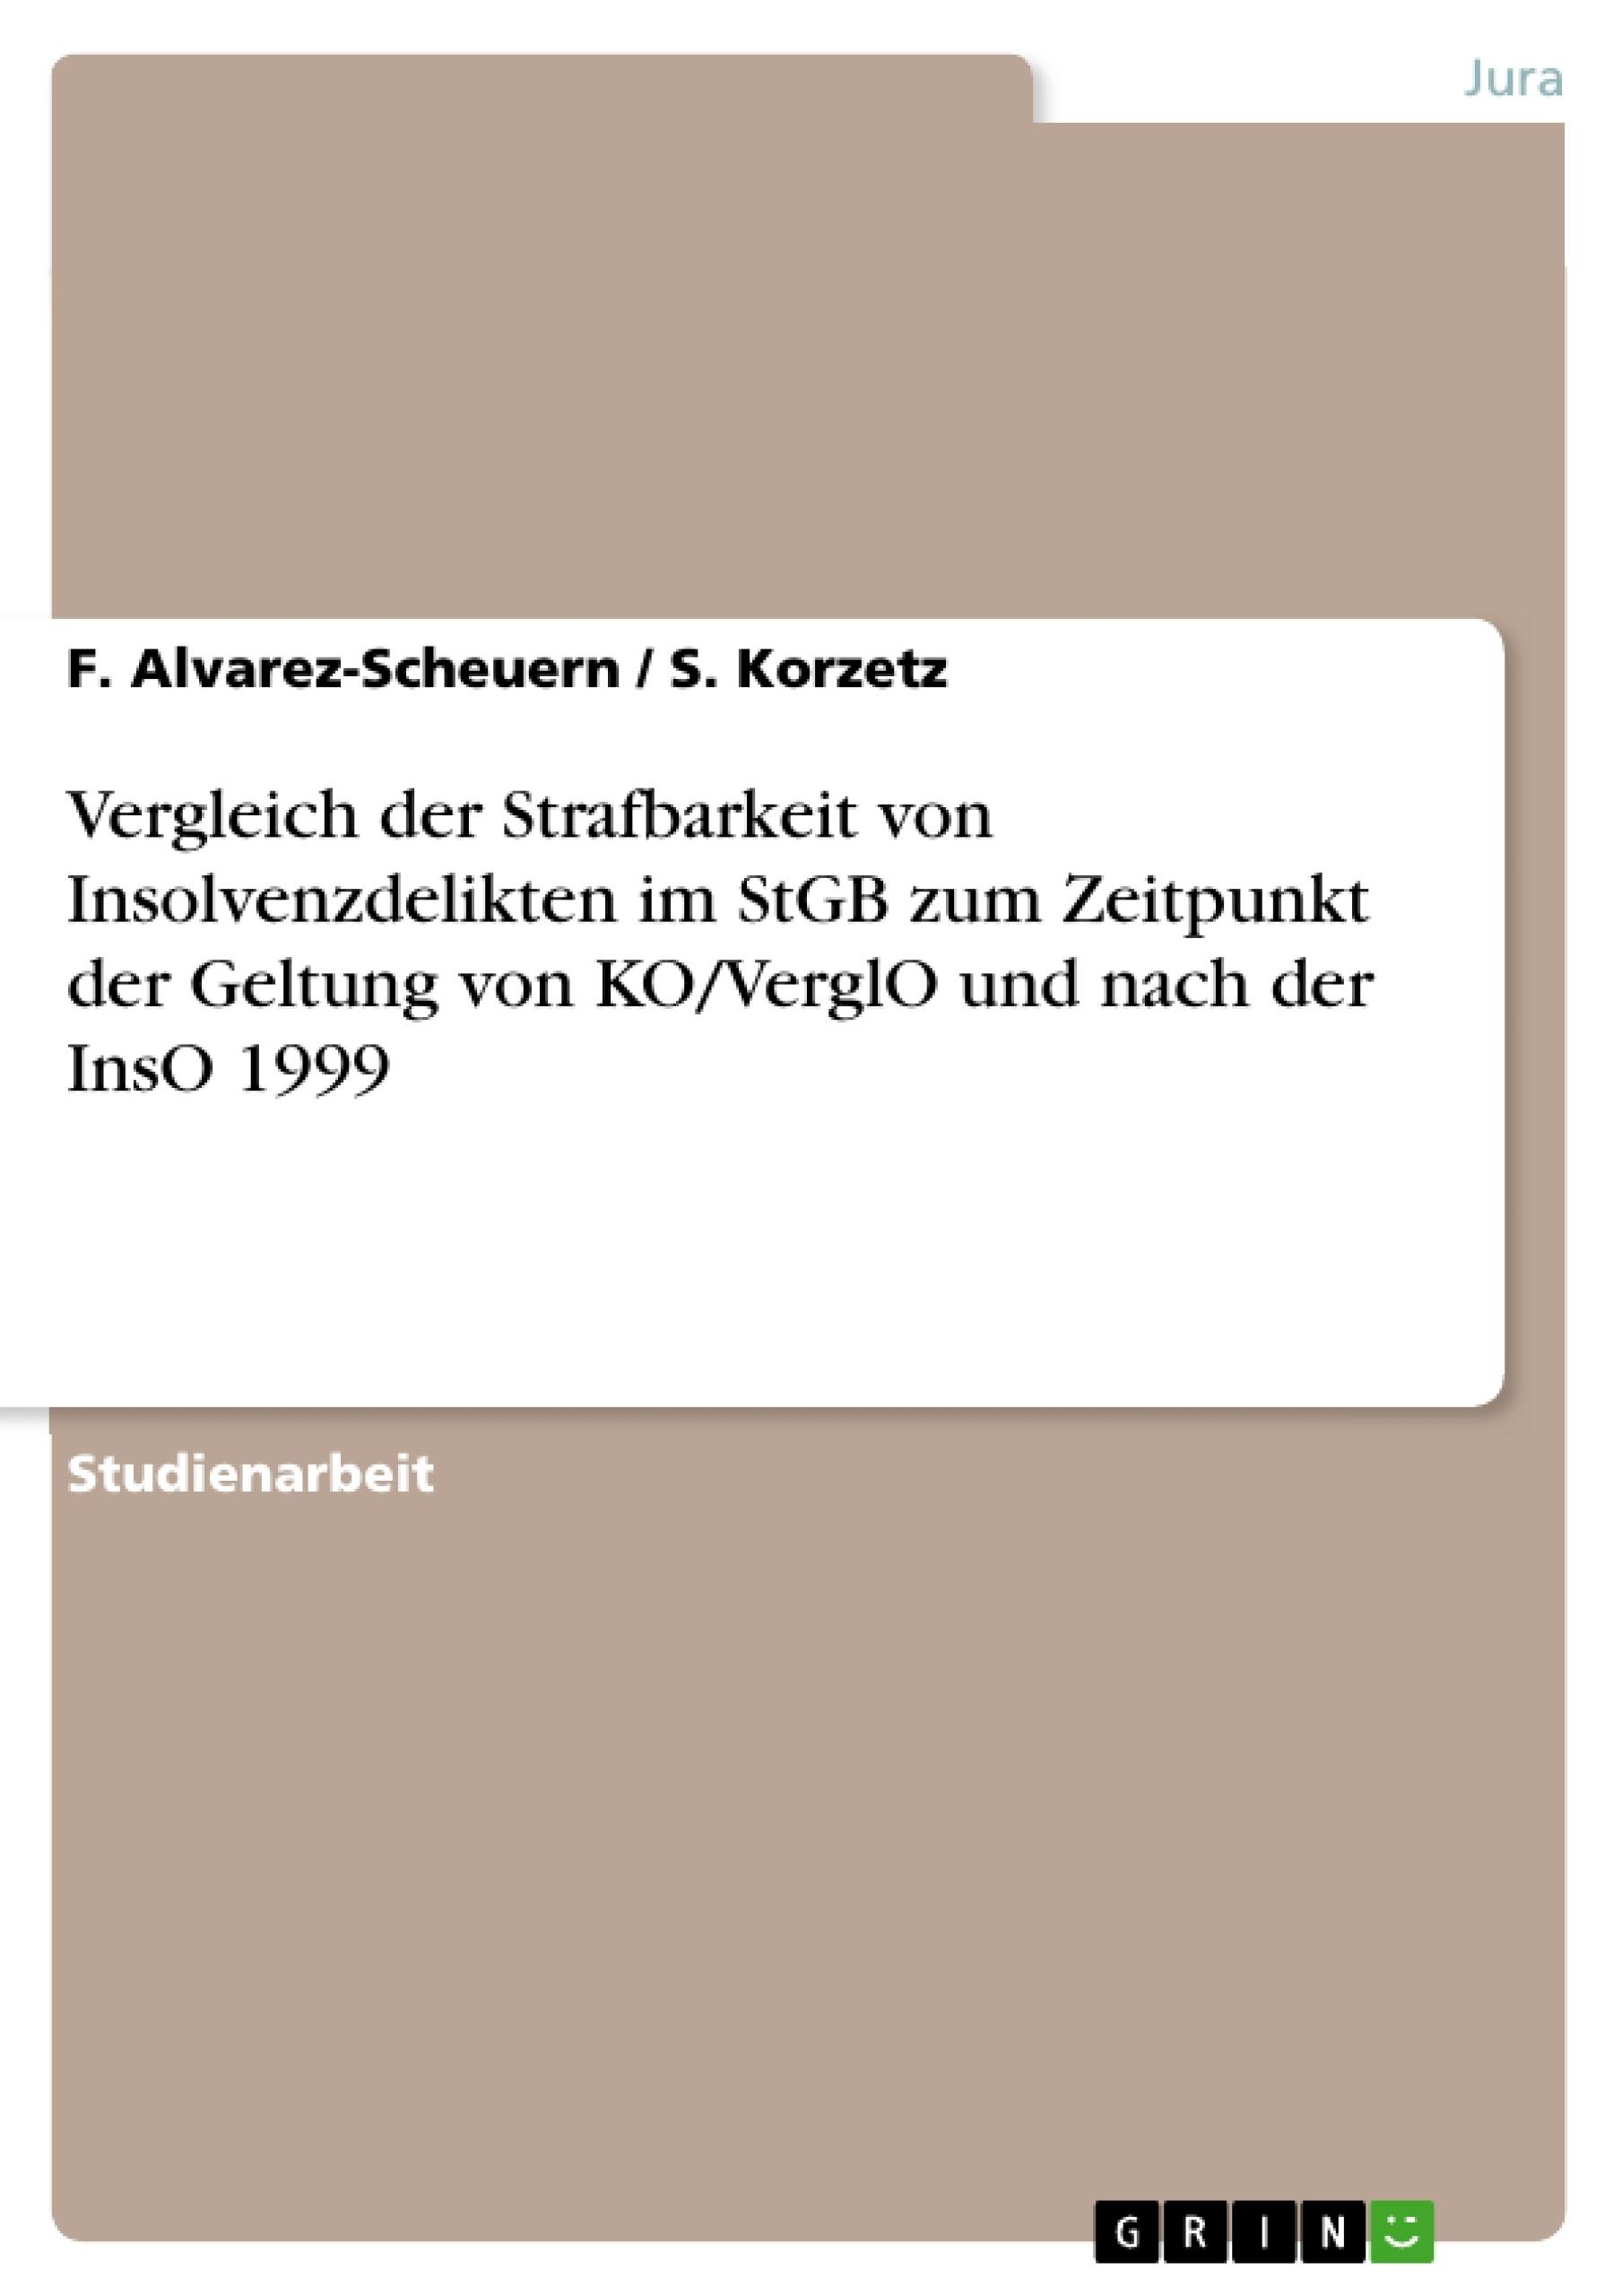 Titel: Vergleich der Strafbarkeit von Insolvenzdelikten im StGB zum Zeitpunkt der Geltung von KO/VerglO und nach der InsO 1999